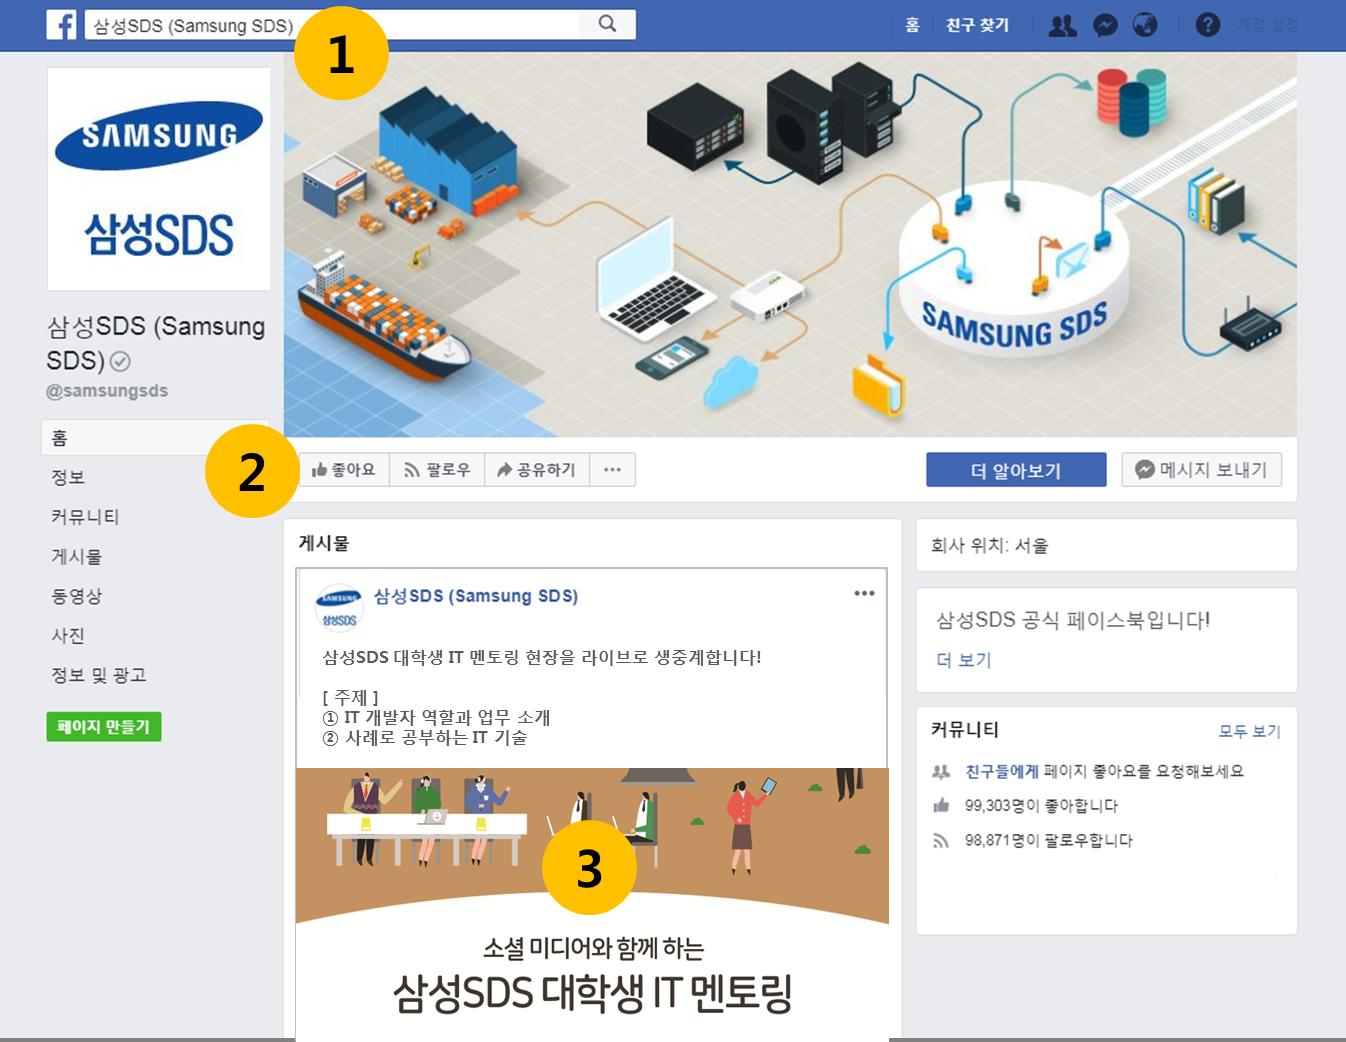 삼성SDS 대학생 IT 멘토링 참석자 발표∙라이브 안내